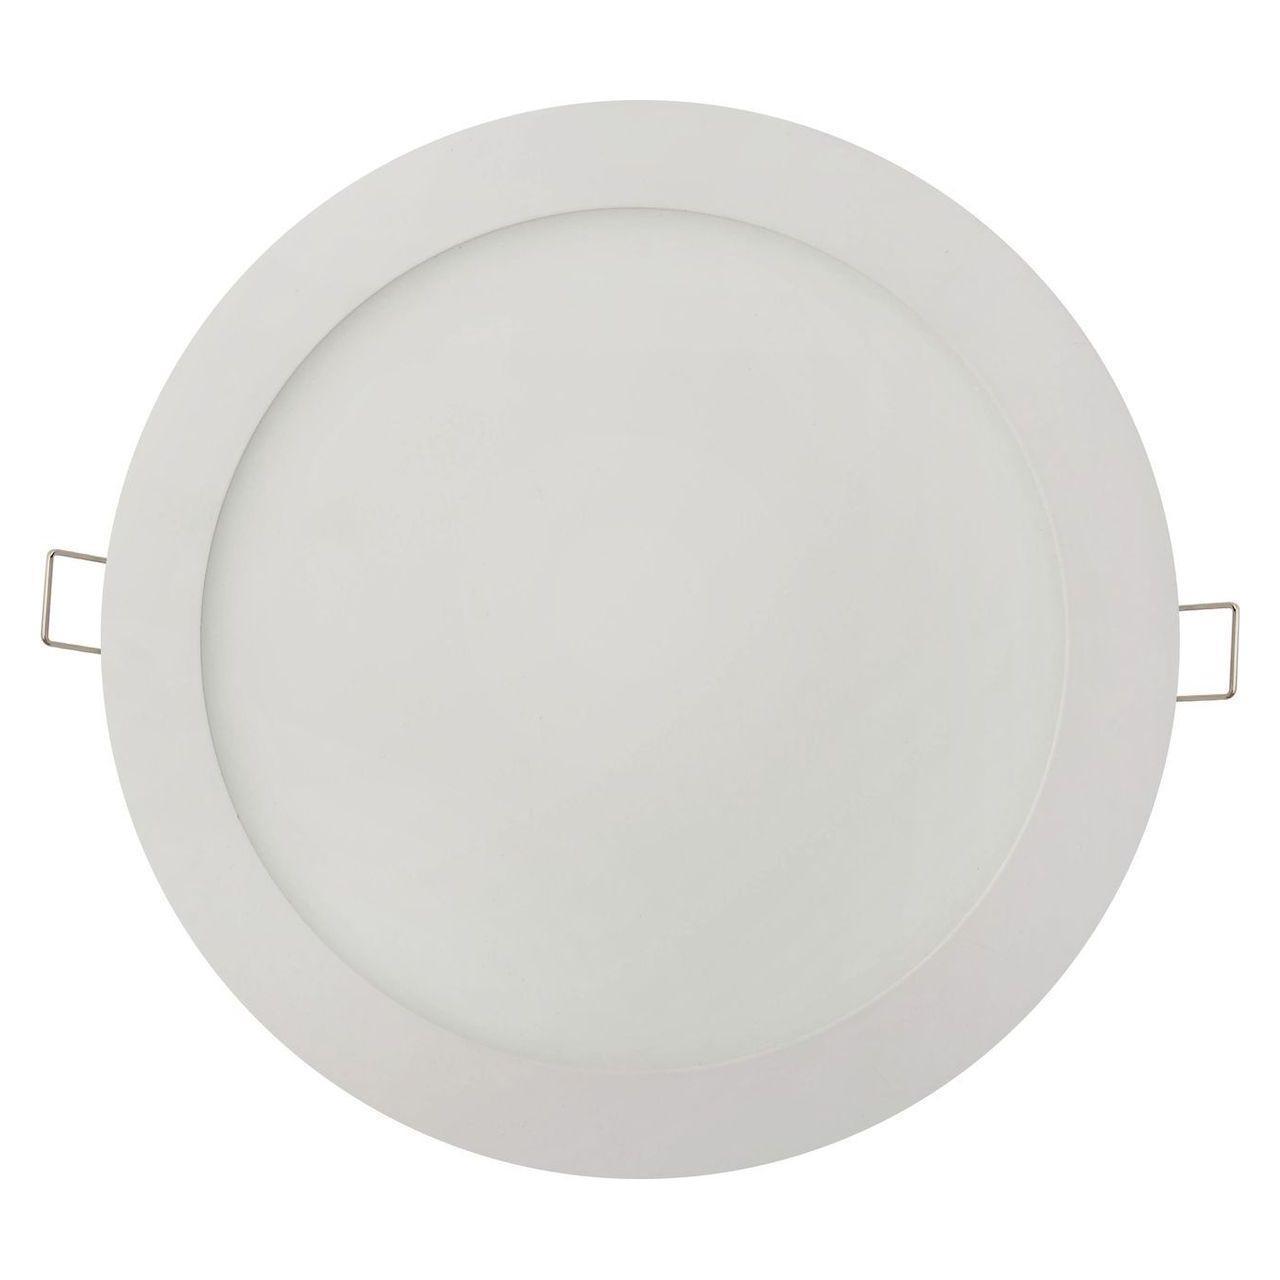 Встраиваемый светодиодный светильник Horoz Slim-15 15W 4200K 056-003-0015 встраиваемый светодиодный светильник horoz 15w 6000к белый 016 017 0015 hl6756l